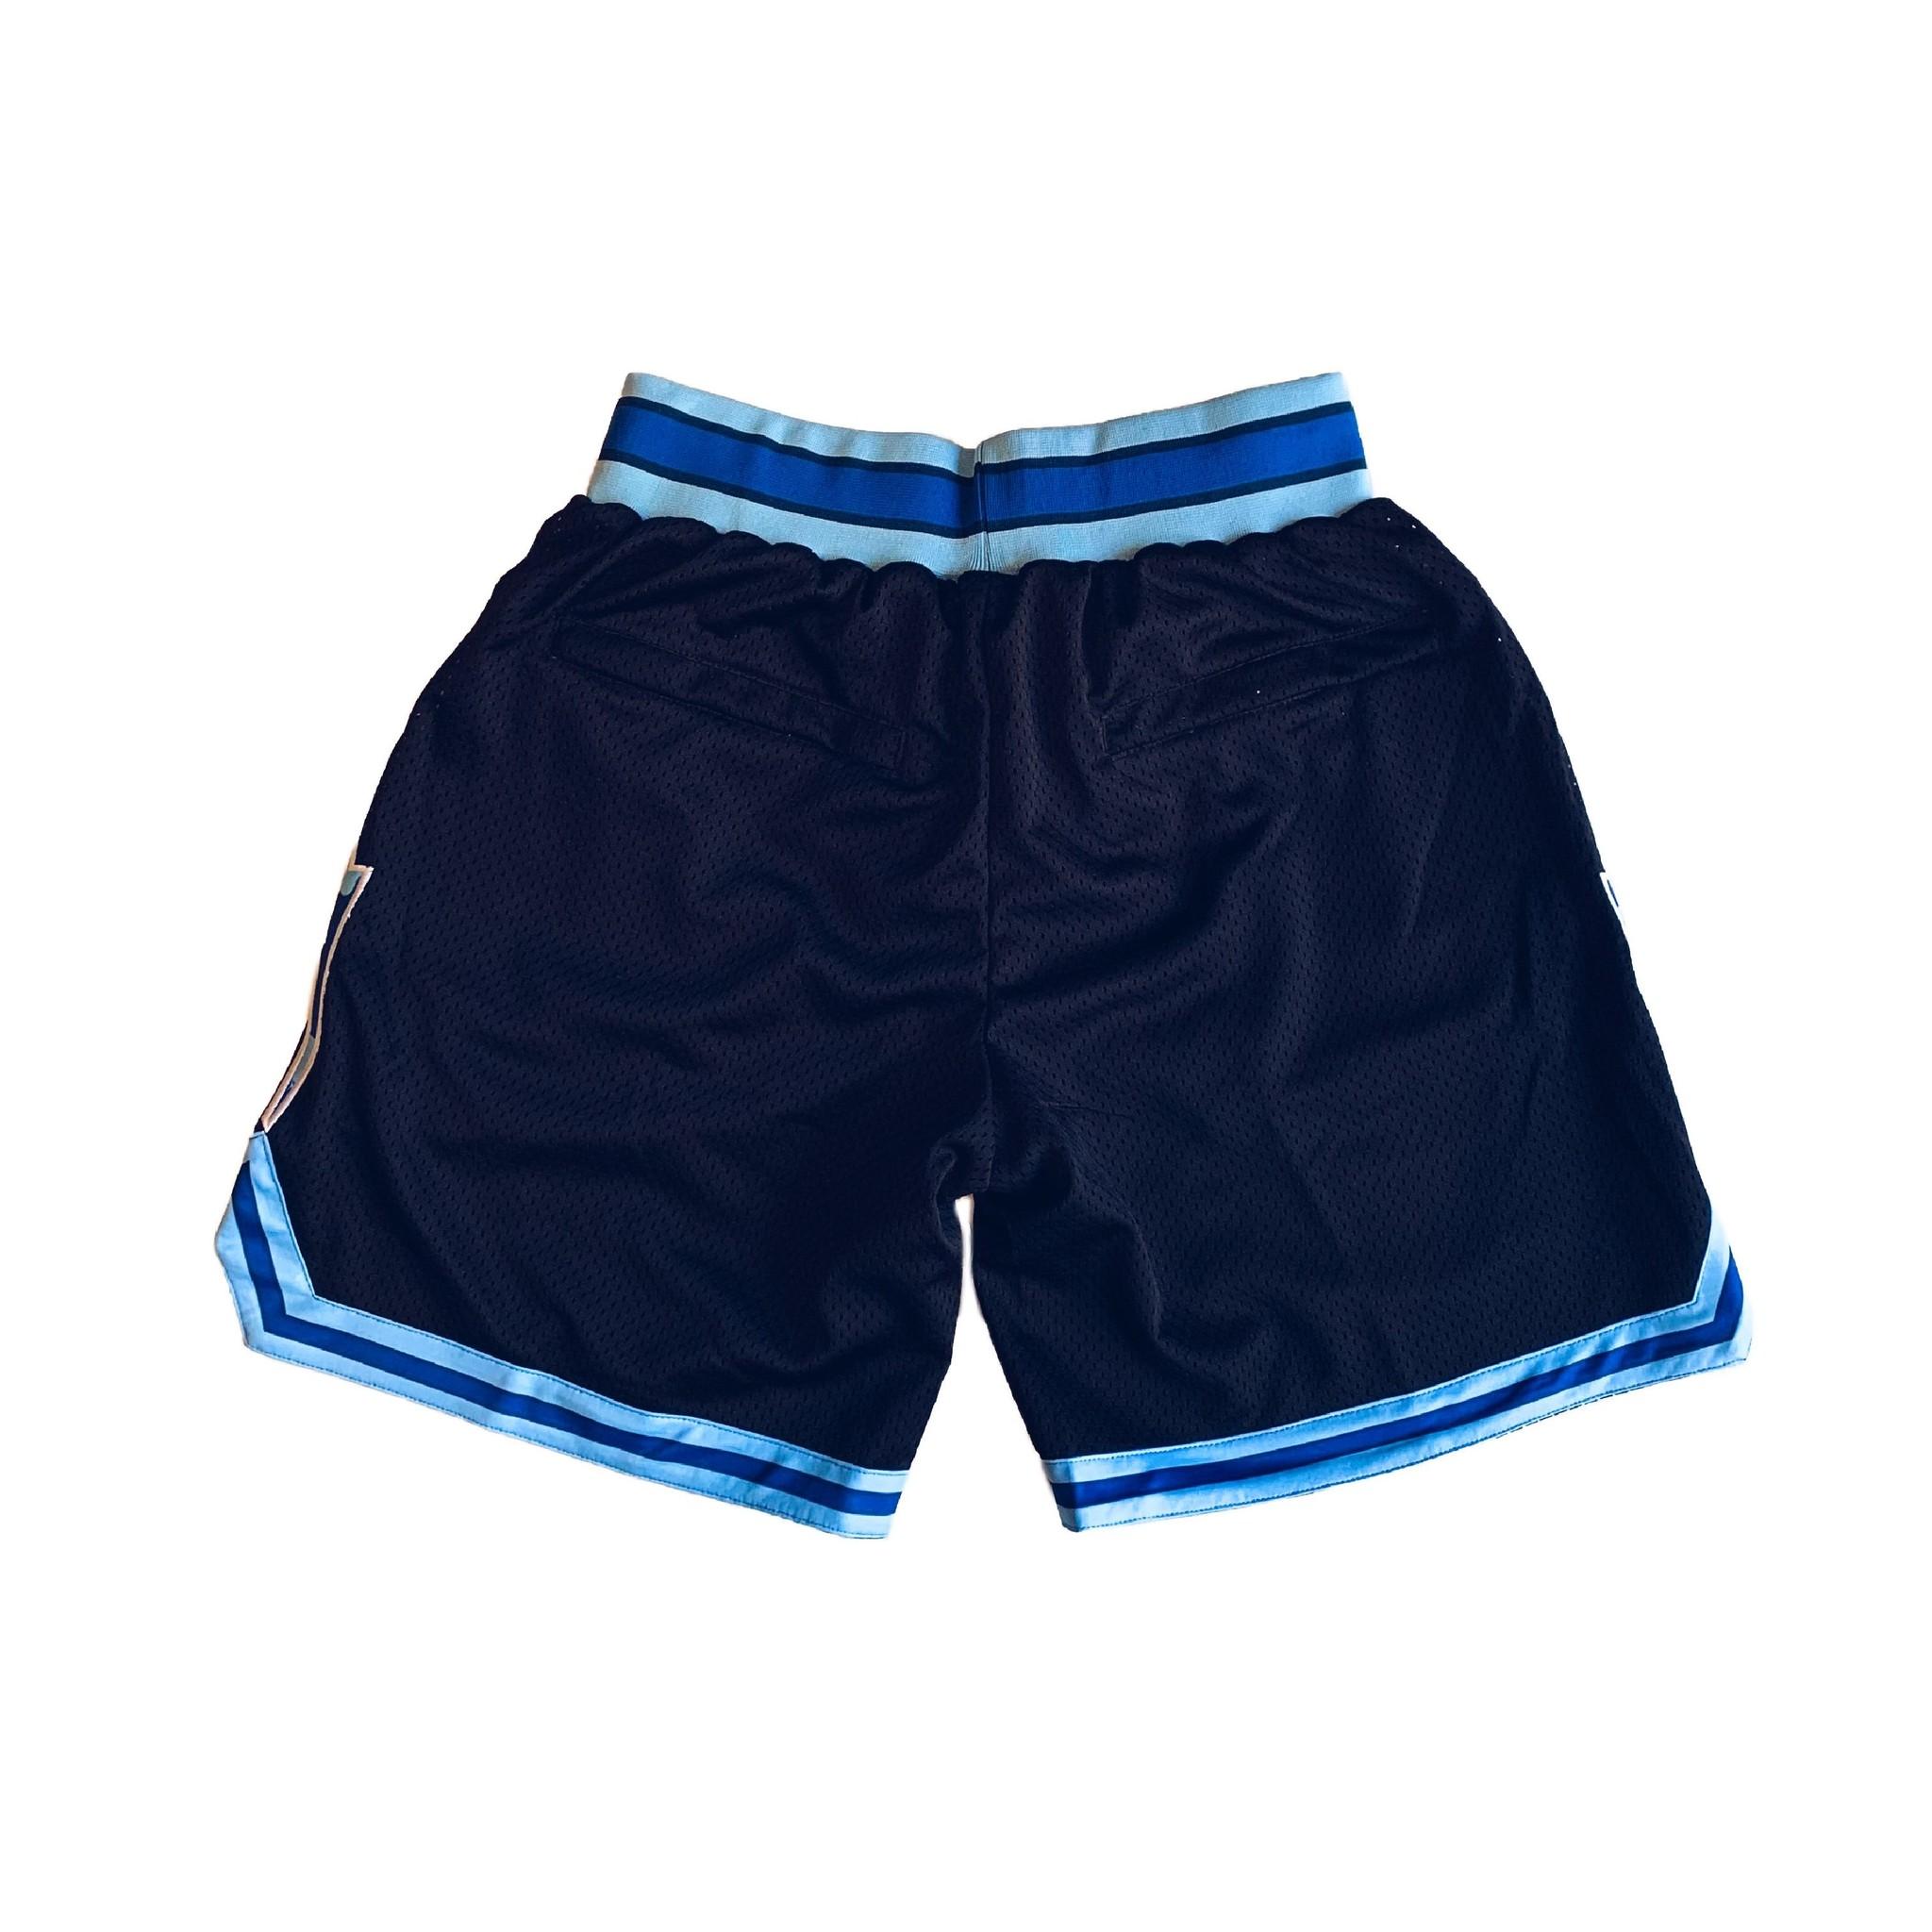 Jugrnaut Jugrnaut x E and J Shorts Black/blue